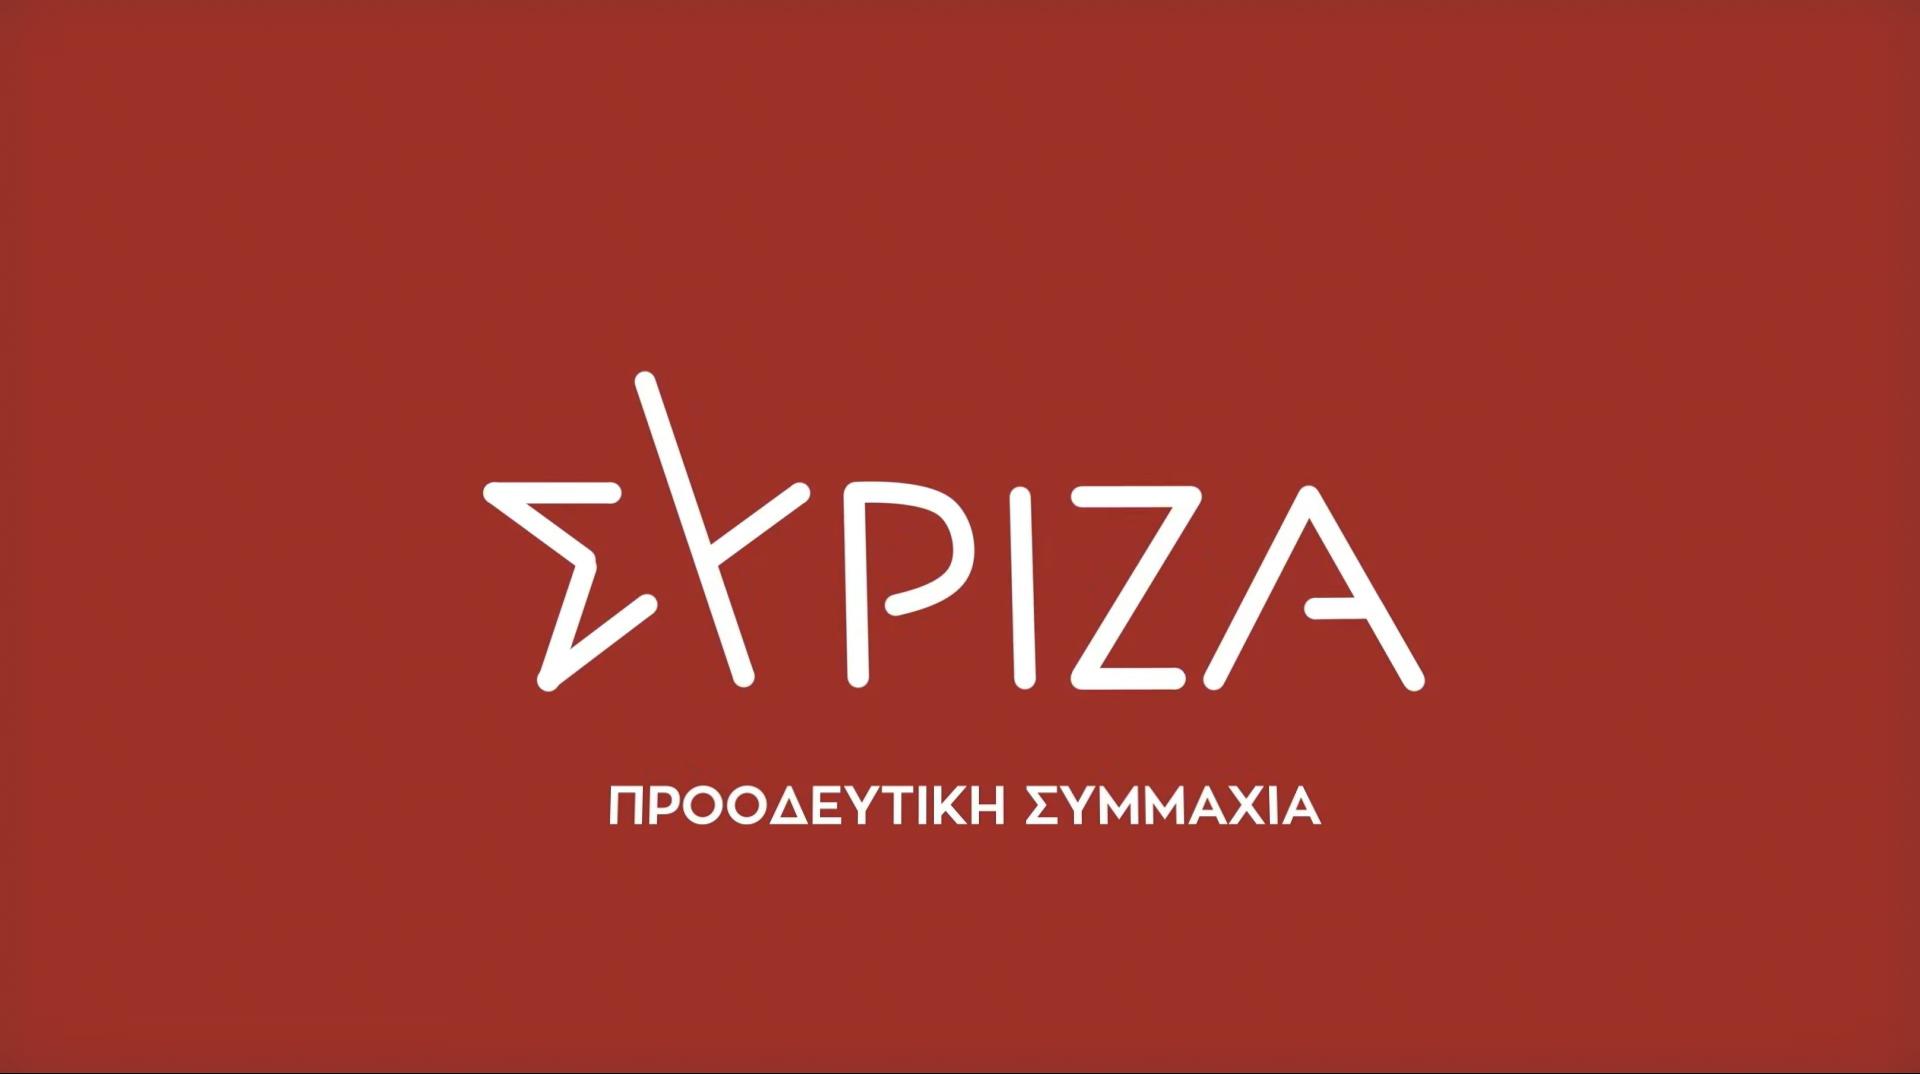 ΣΥΡΙΖΑ: Να σταματήσει η κυβέρνηση κάθε συζήτηση για απολύσεις